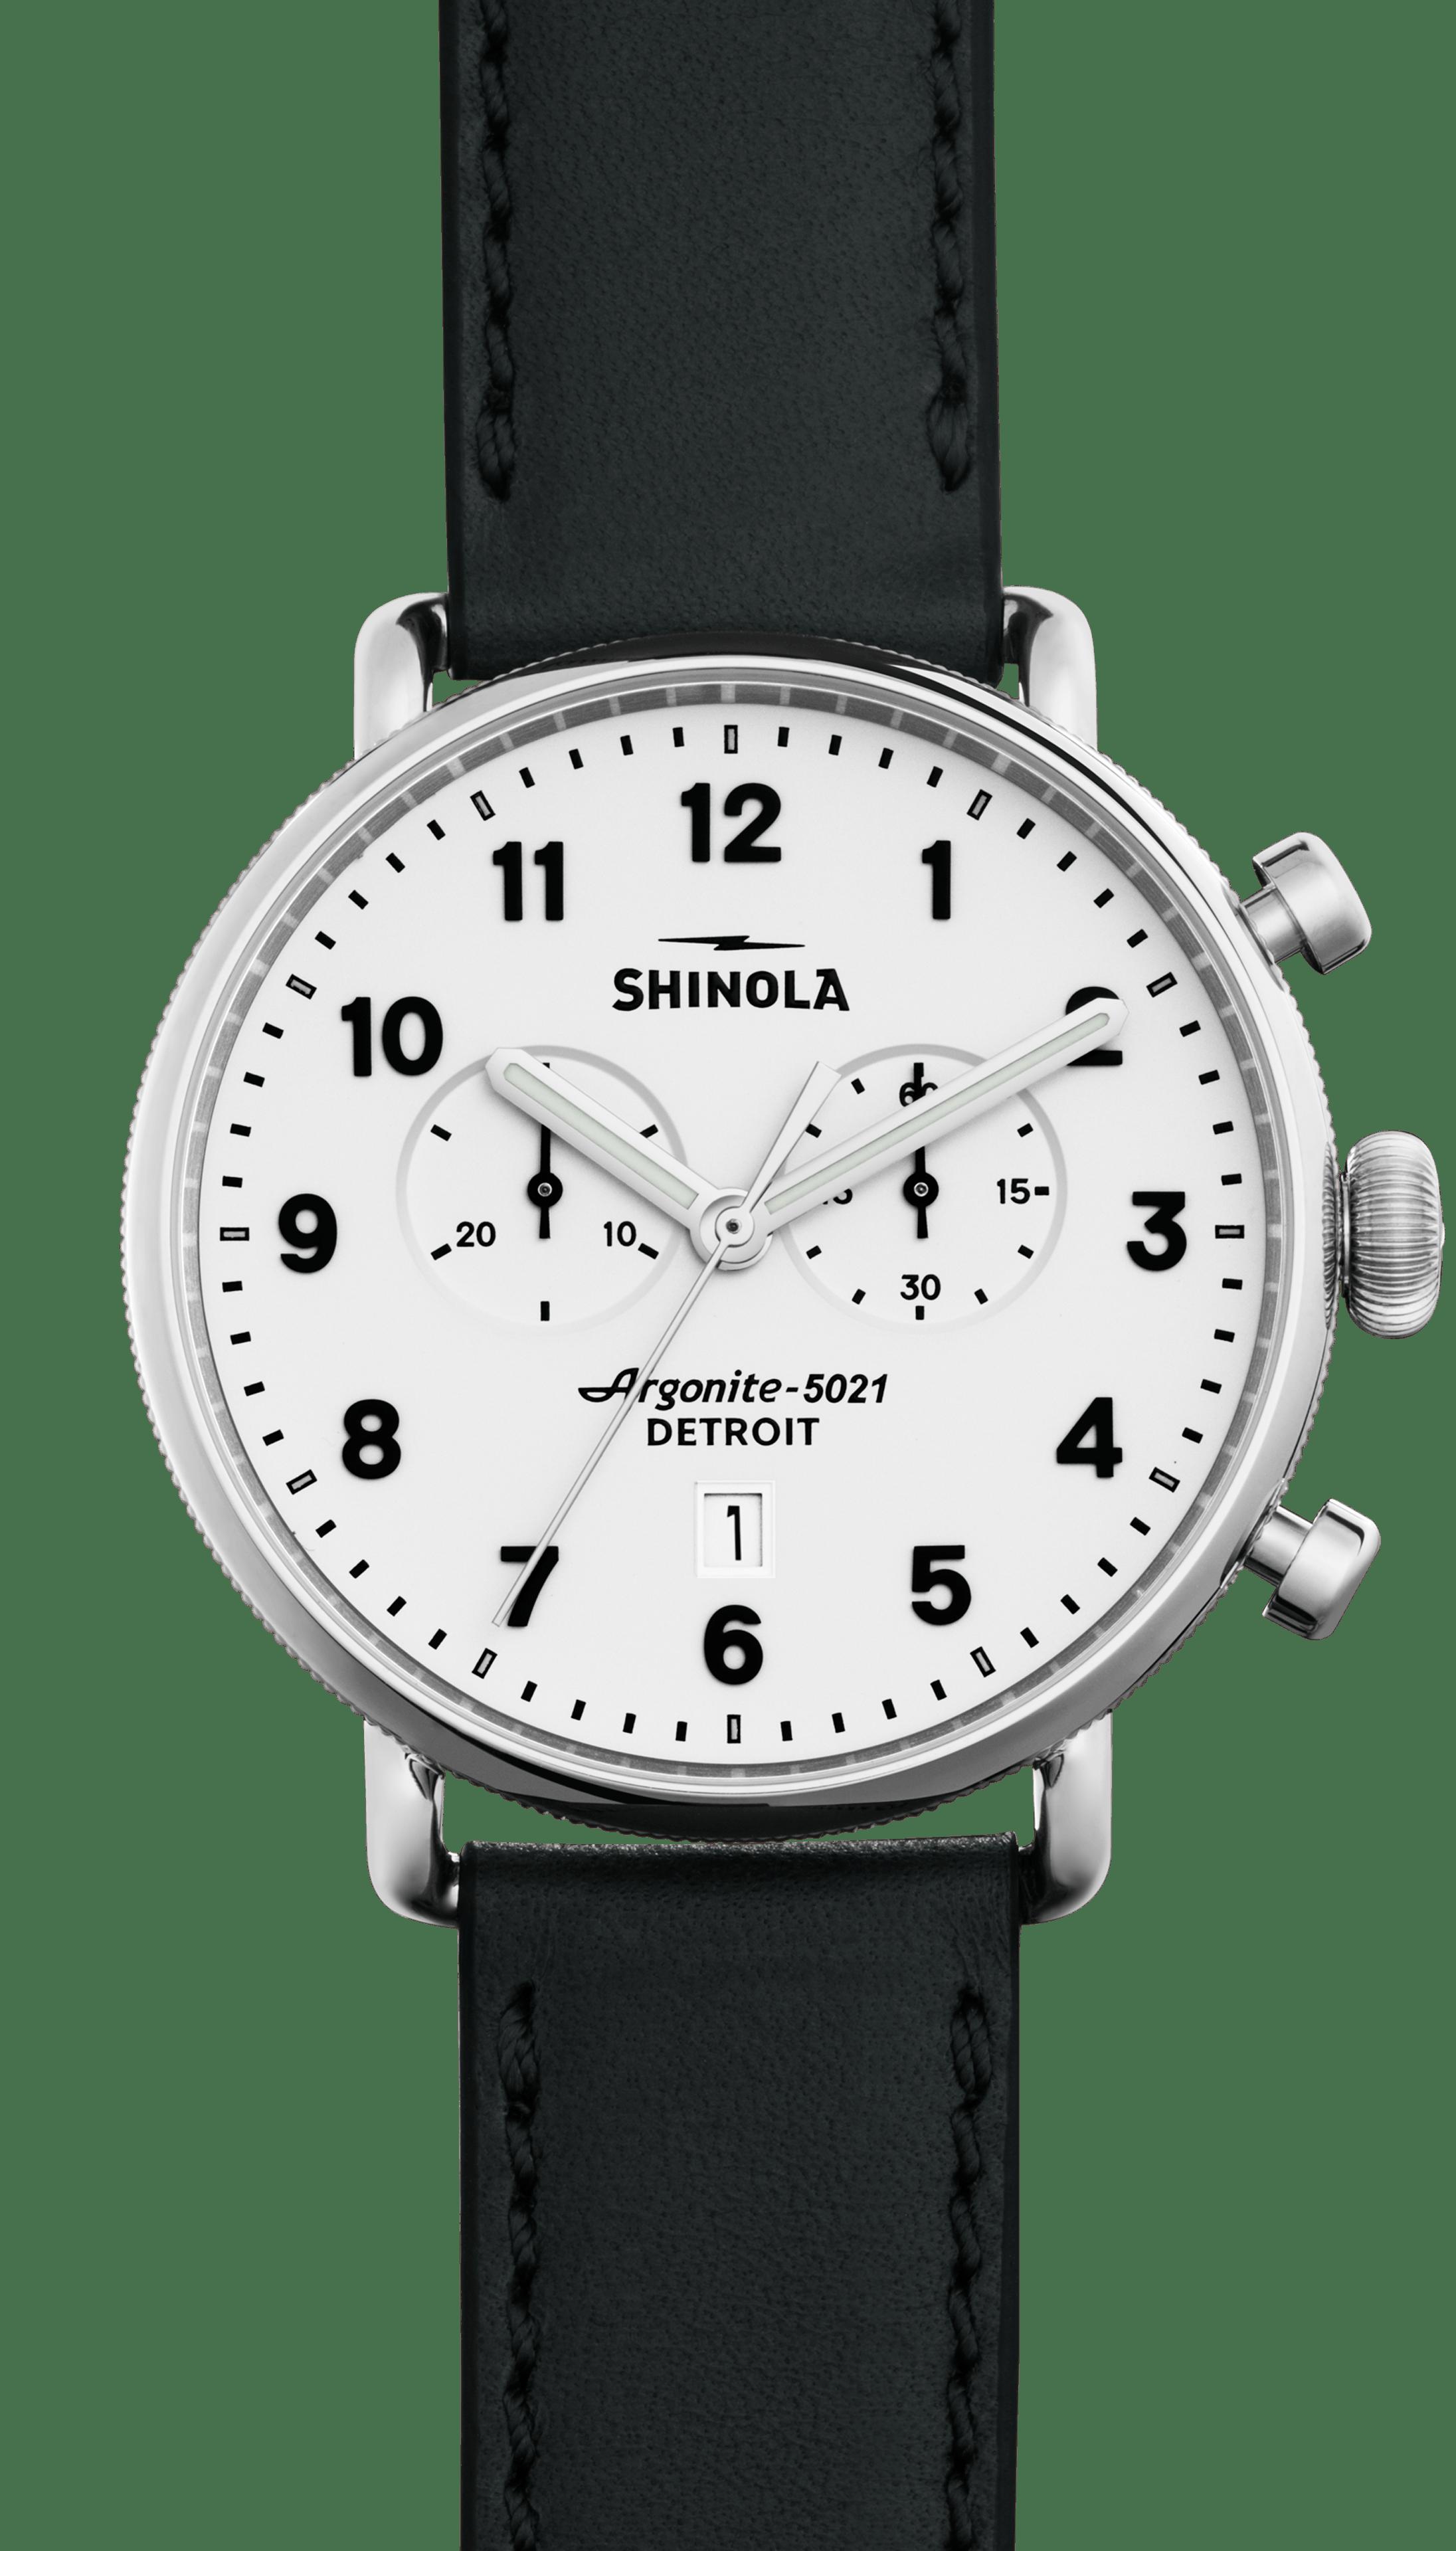 Shineola | Shinola Hours | Shinola Watch